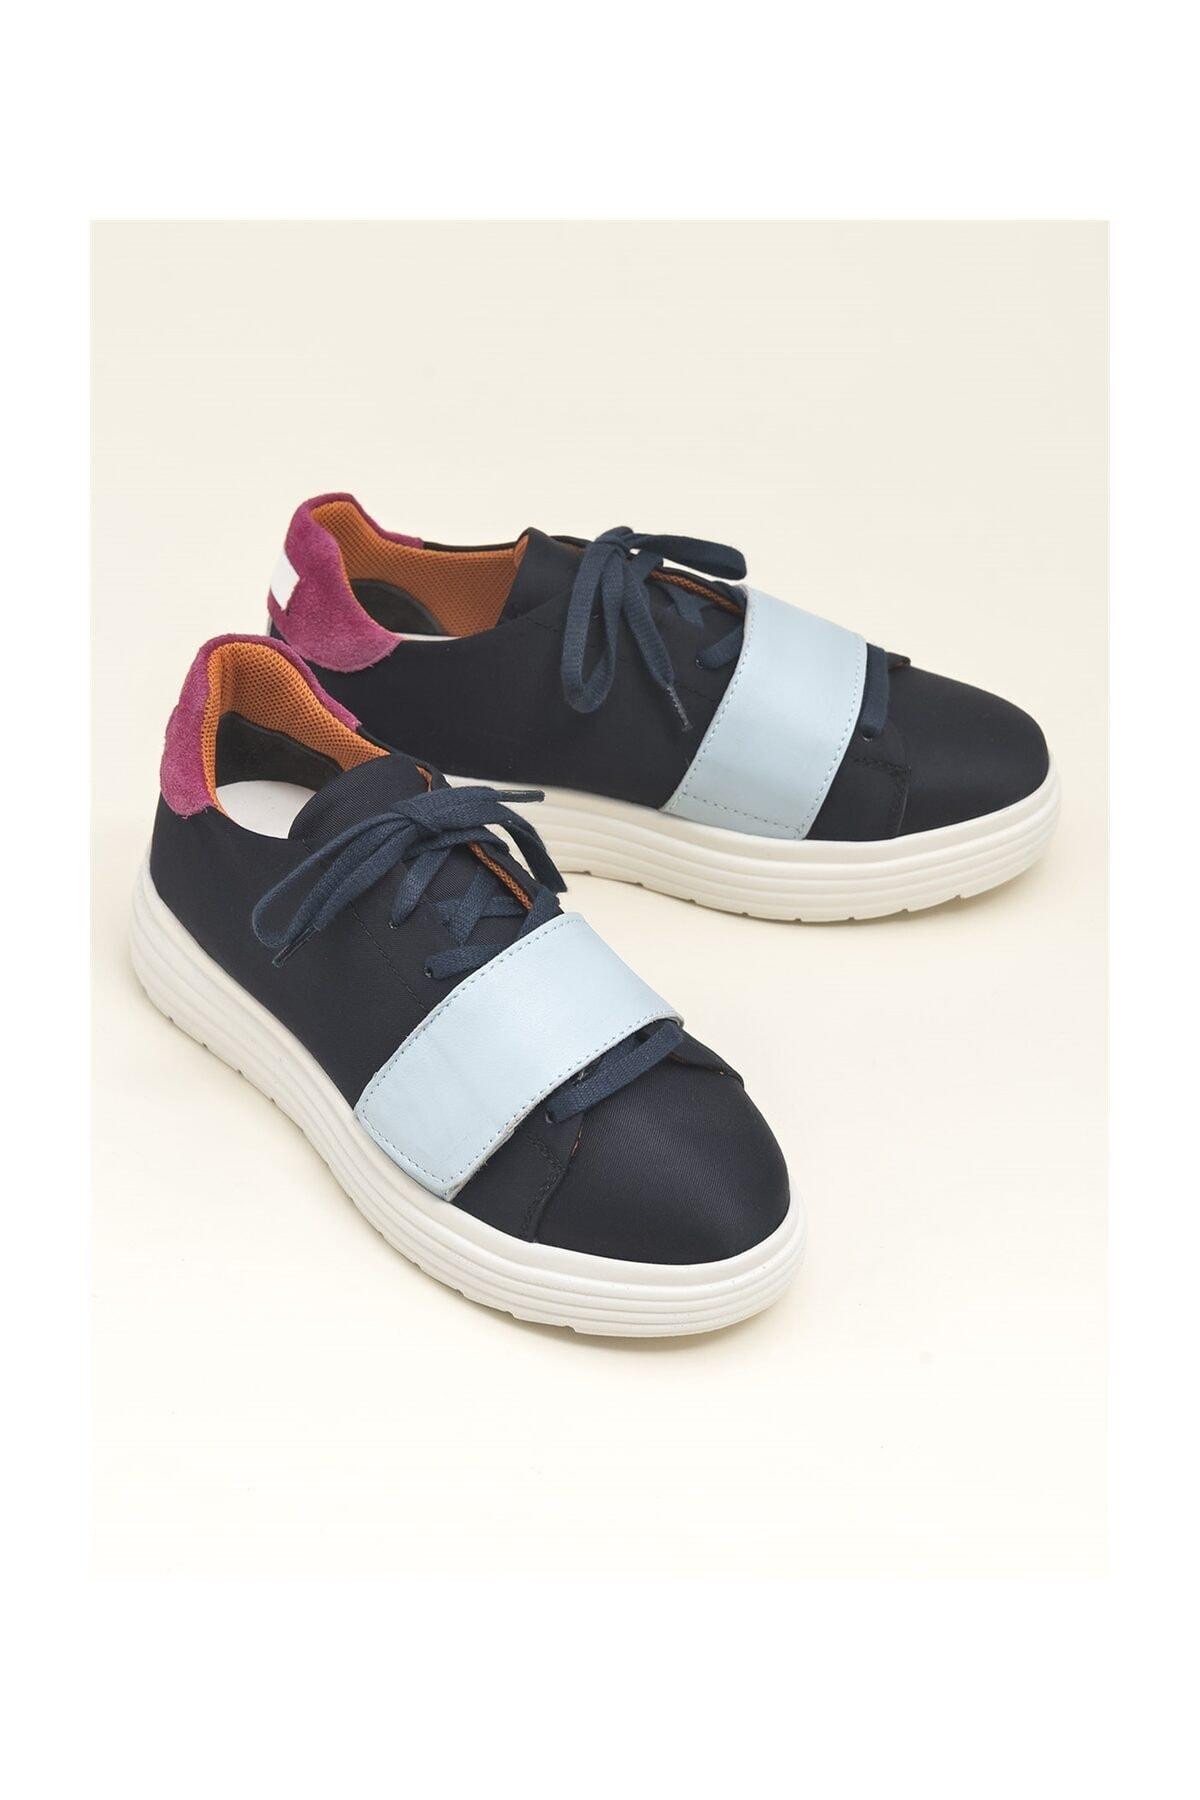 Elle Shoes Multi Lacivert Kadın Spor Ayakkabı LORETEE 1